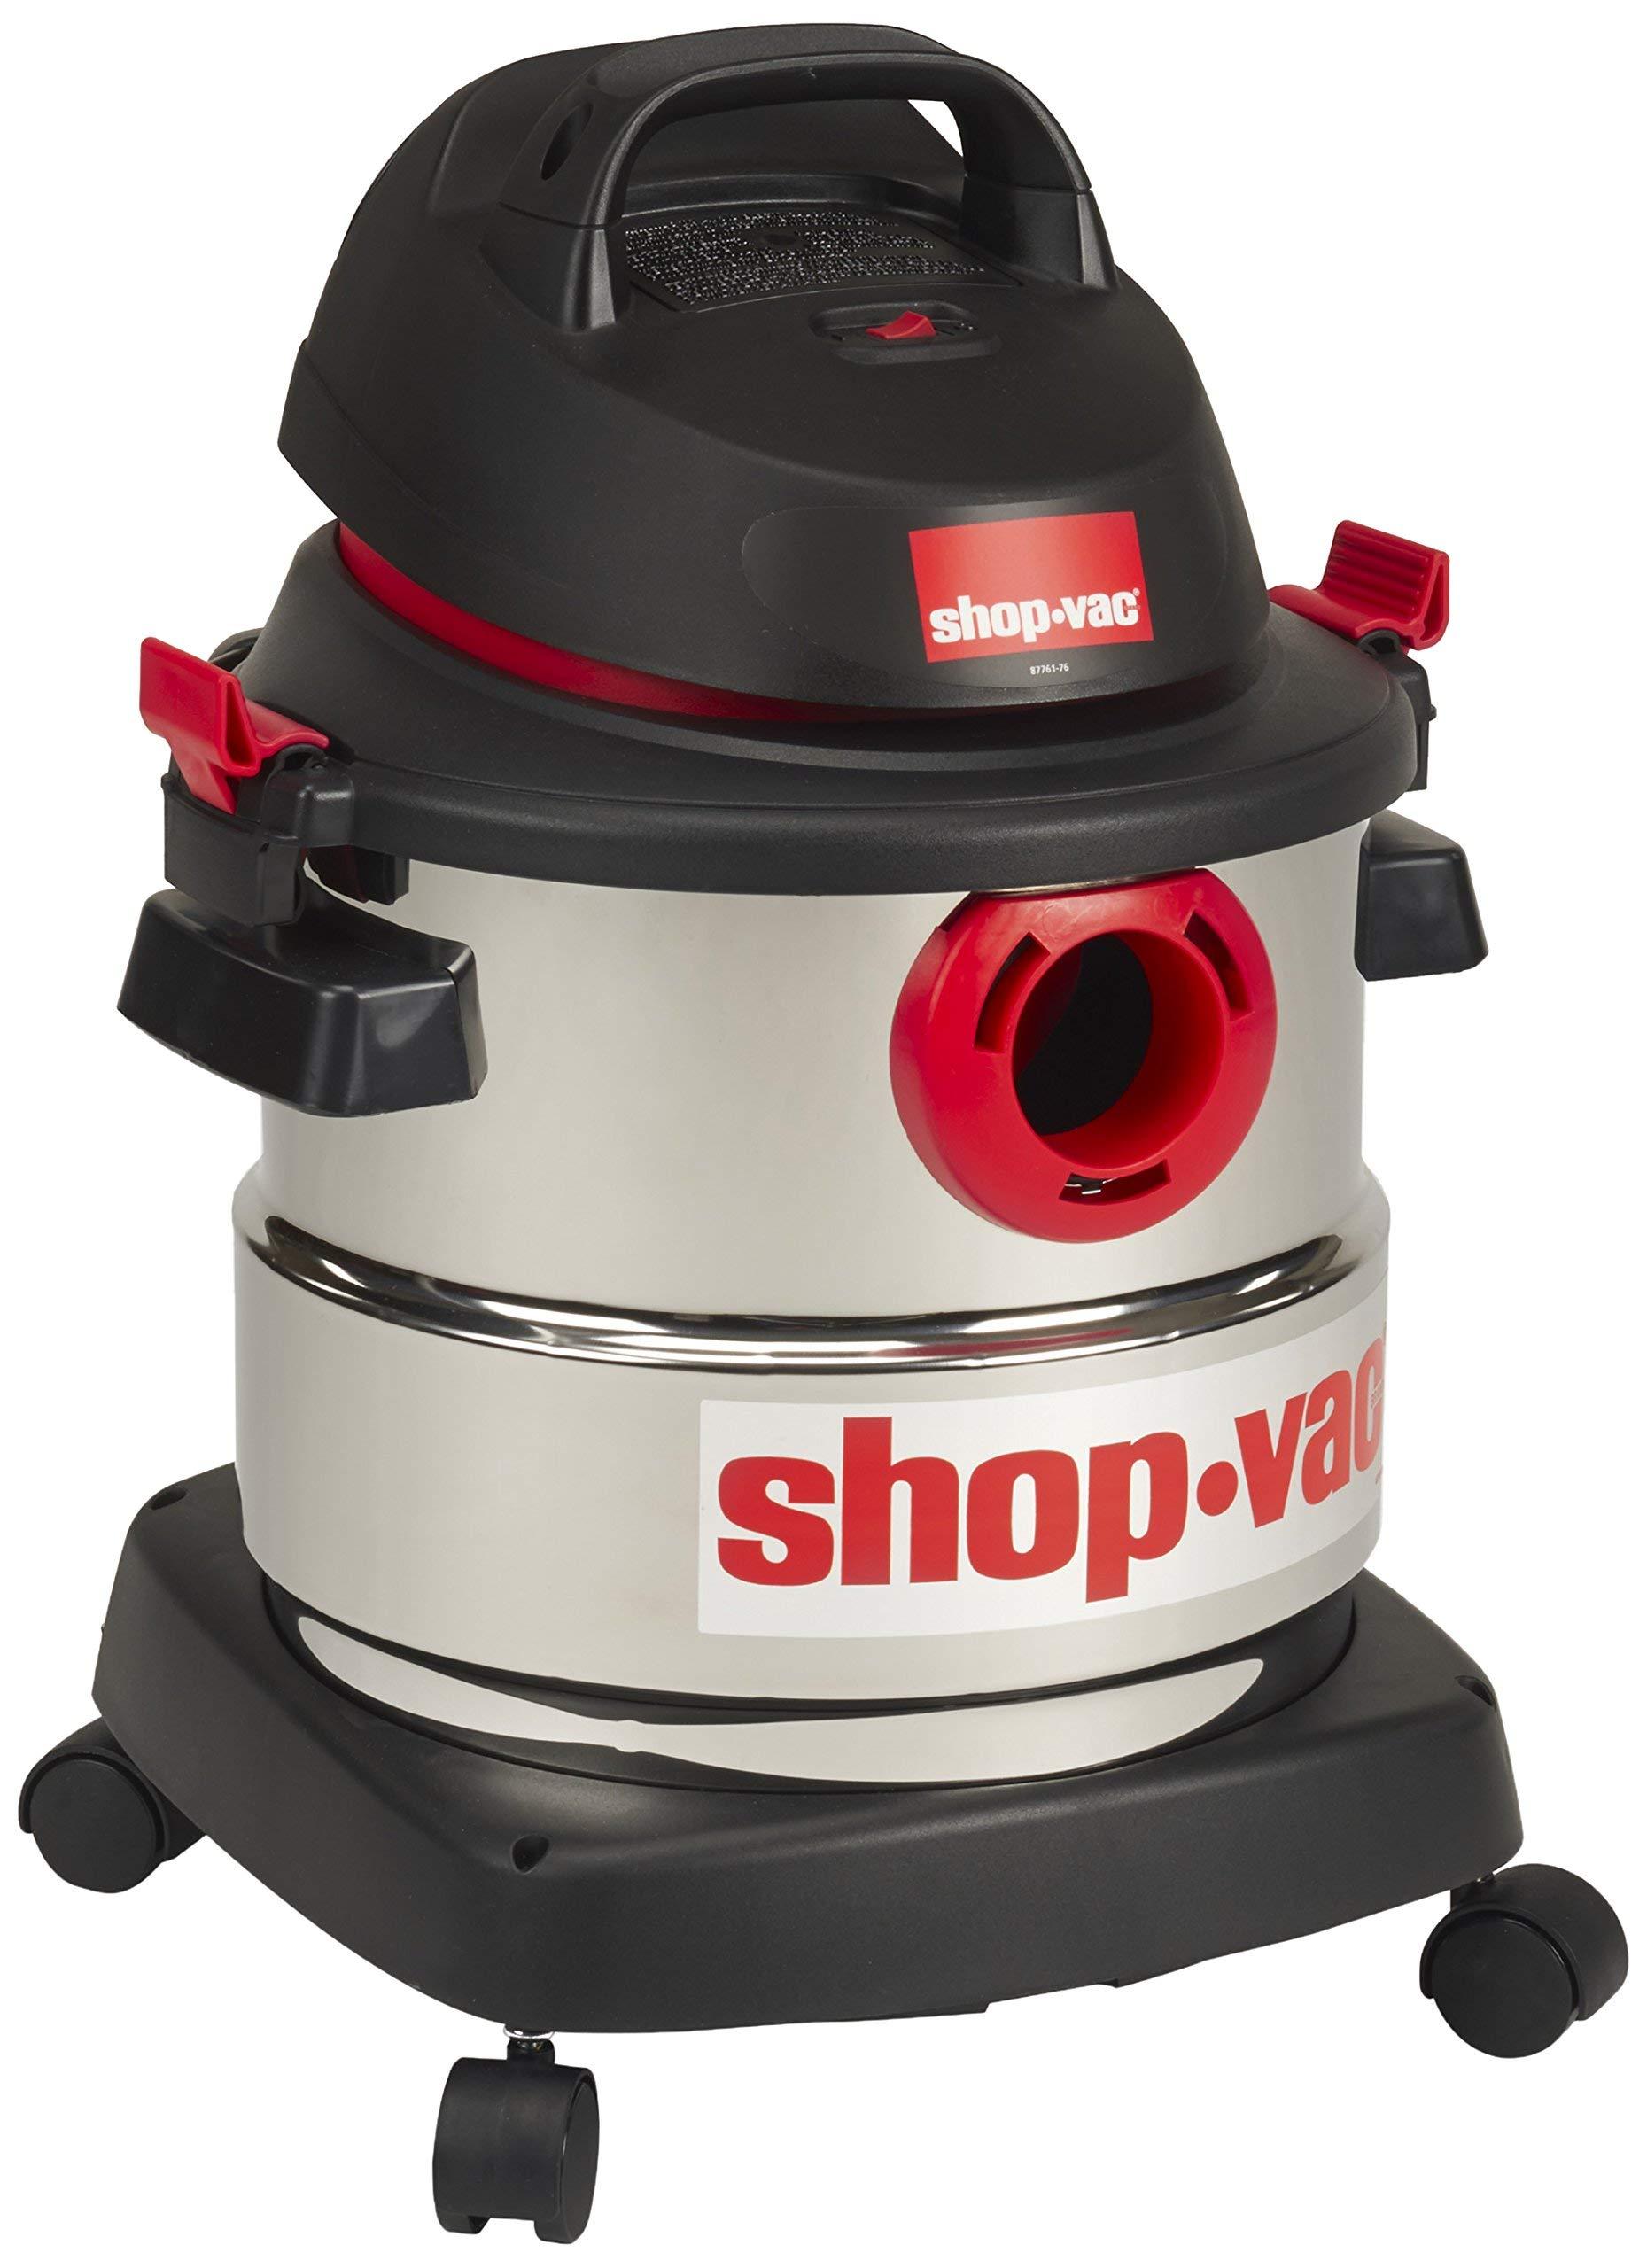 Shop-Vac 5989300 5-Gallon 4.5 Peak HP Stainless Steel Wet Dry Vacuum (Renewed) by Shop-Vac (Image #1)